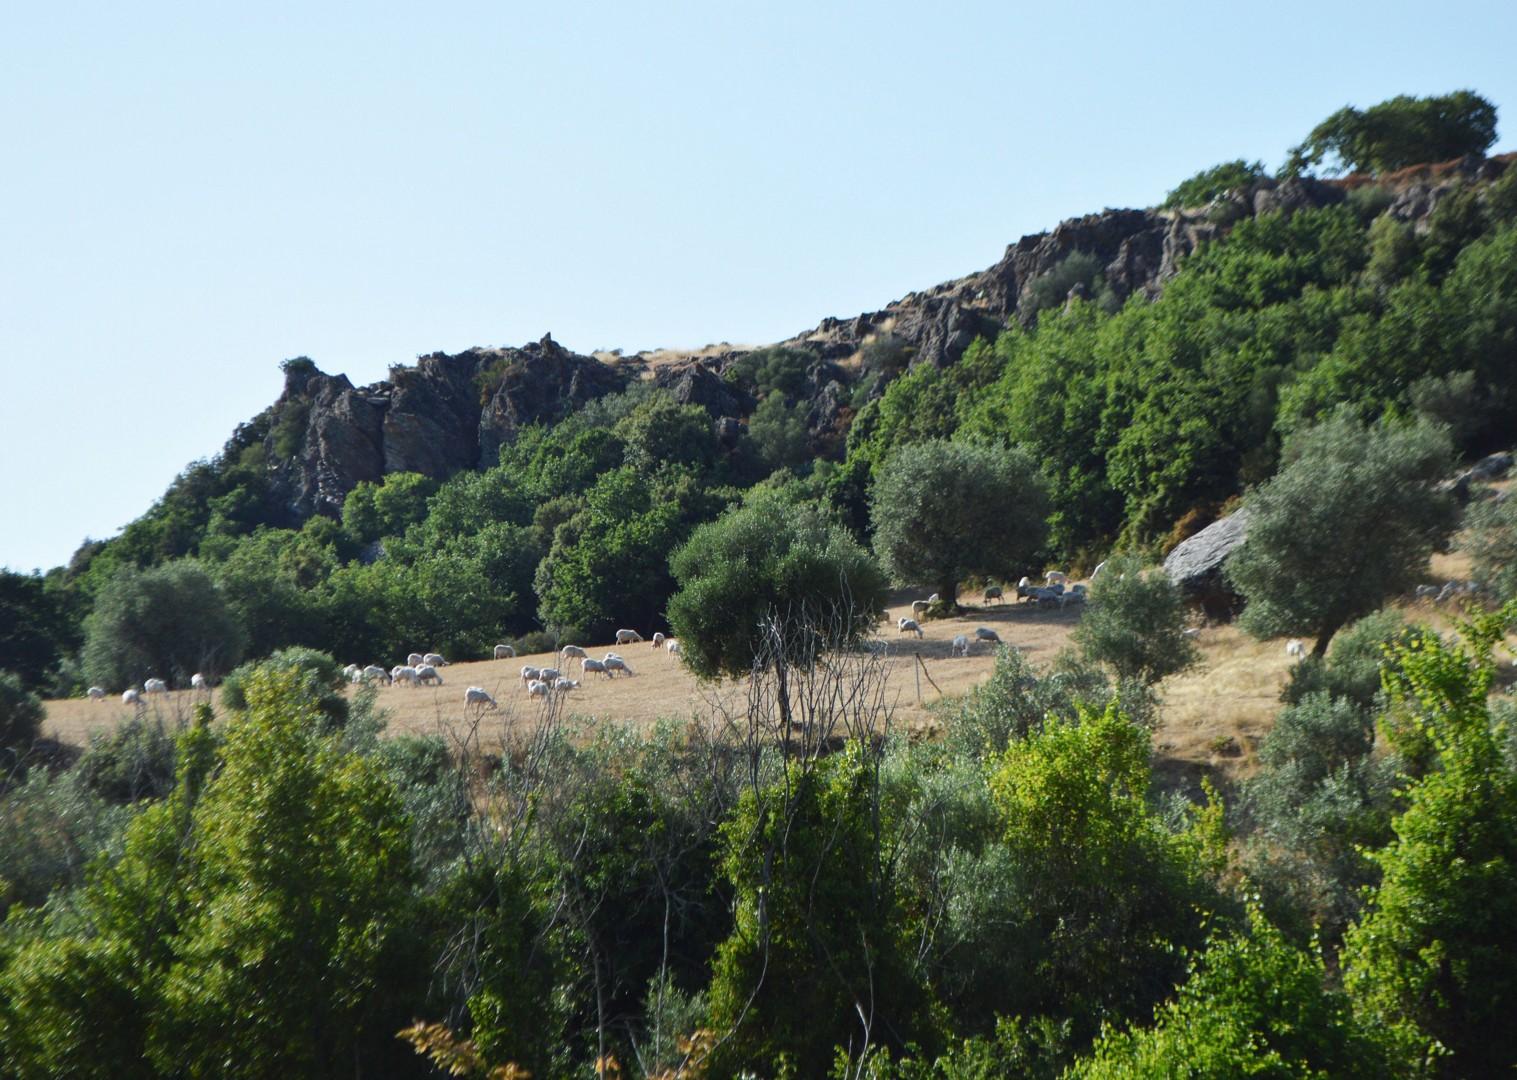 mari-emi-sardinia-leisure-cycling-holiday.jpg - Italy - Sardinia - West Coast Wonders - Self-Guided Leisure Cycling Holiday - Leisure Cycling